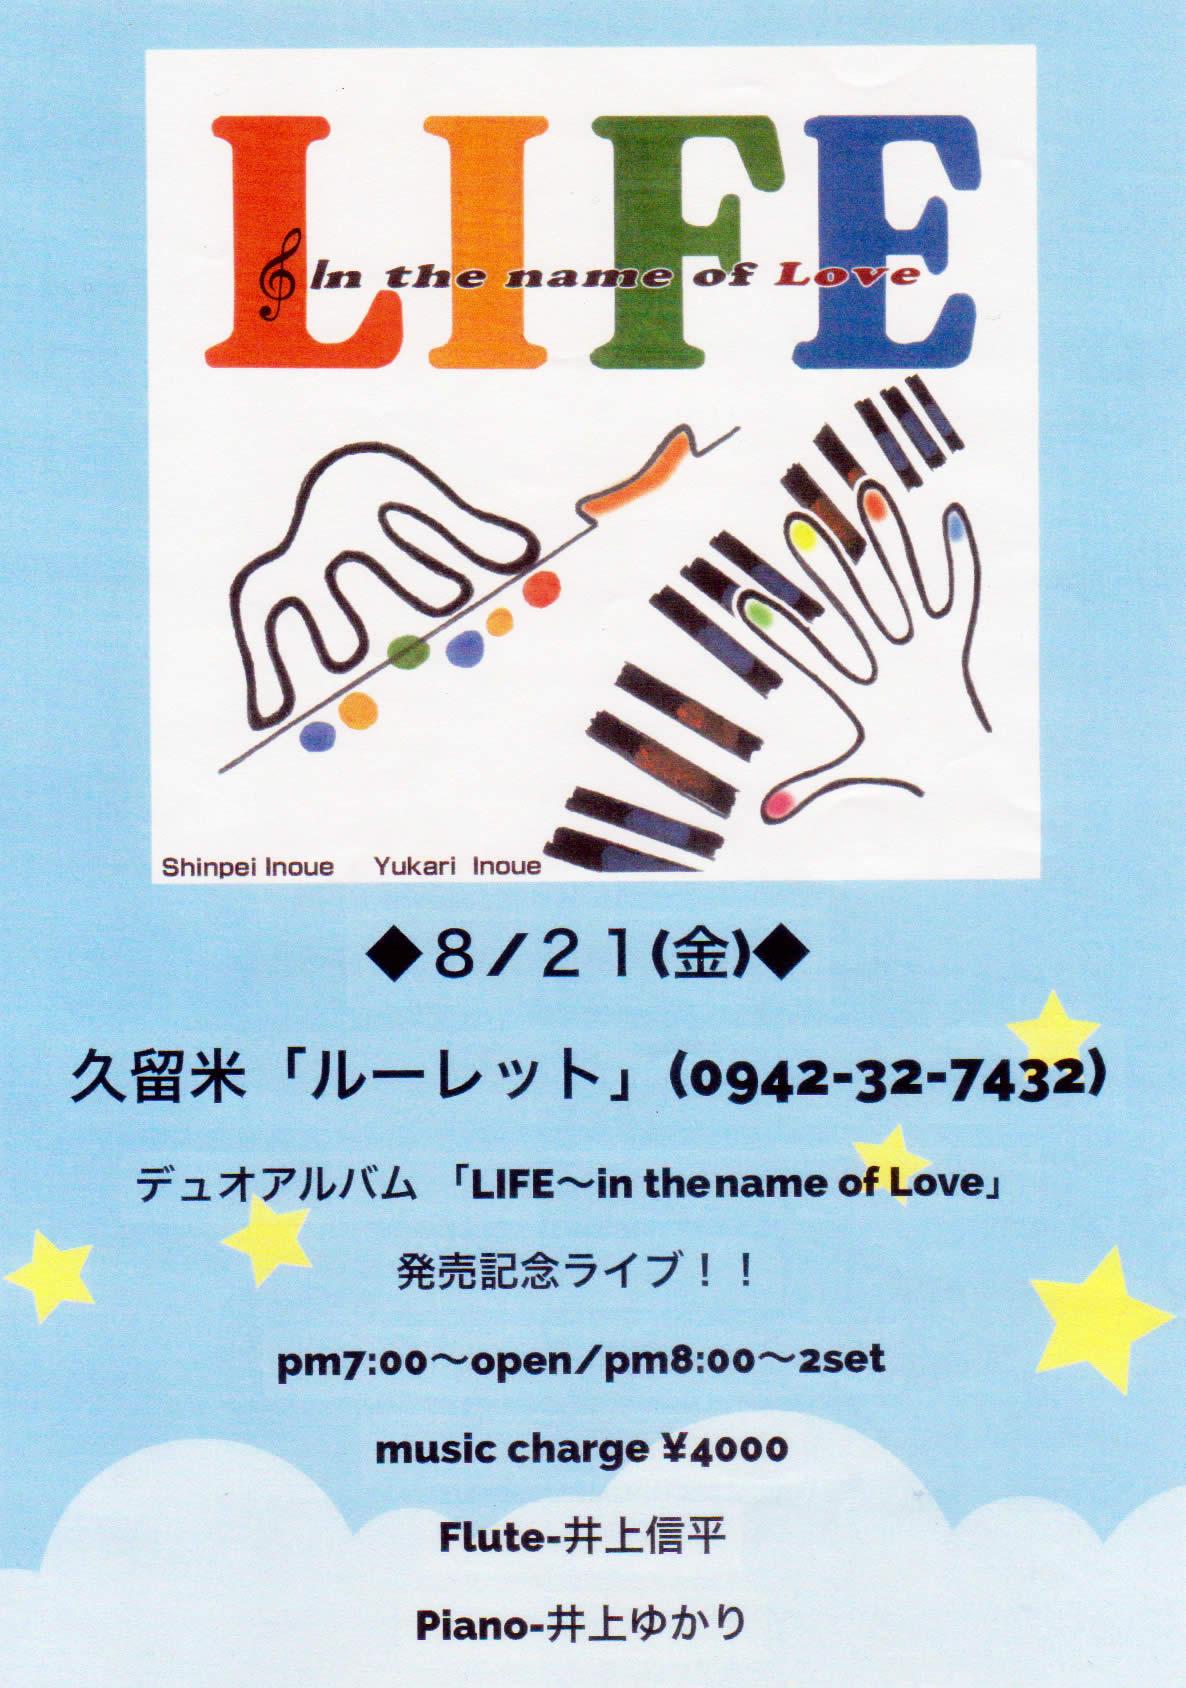 井上信平・井上ゆかり「LIFE~in the name of Love」発売記念ライブ2020/8/21(金)